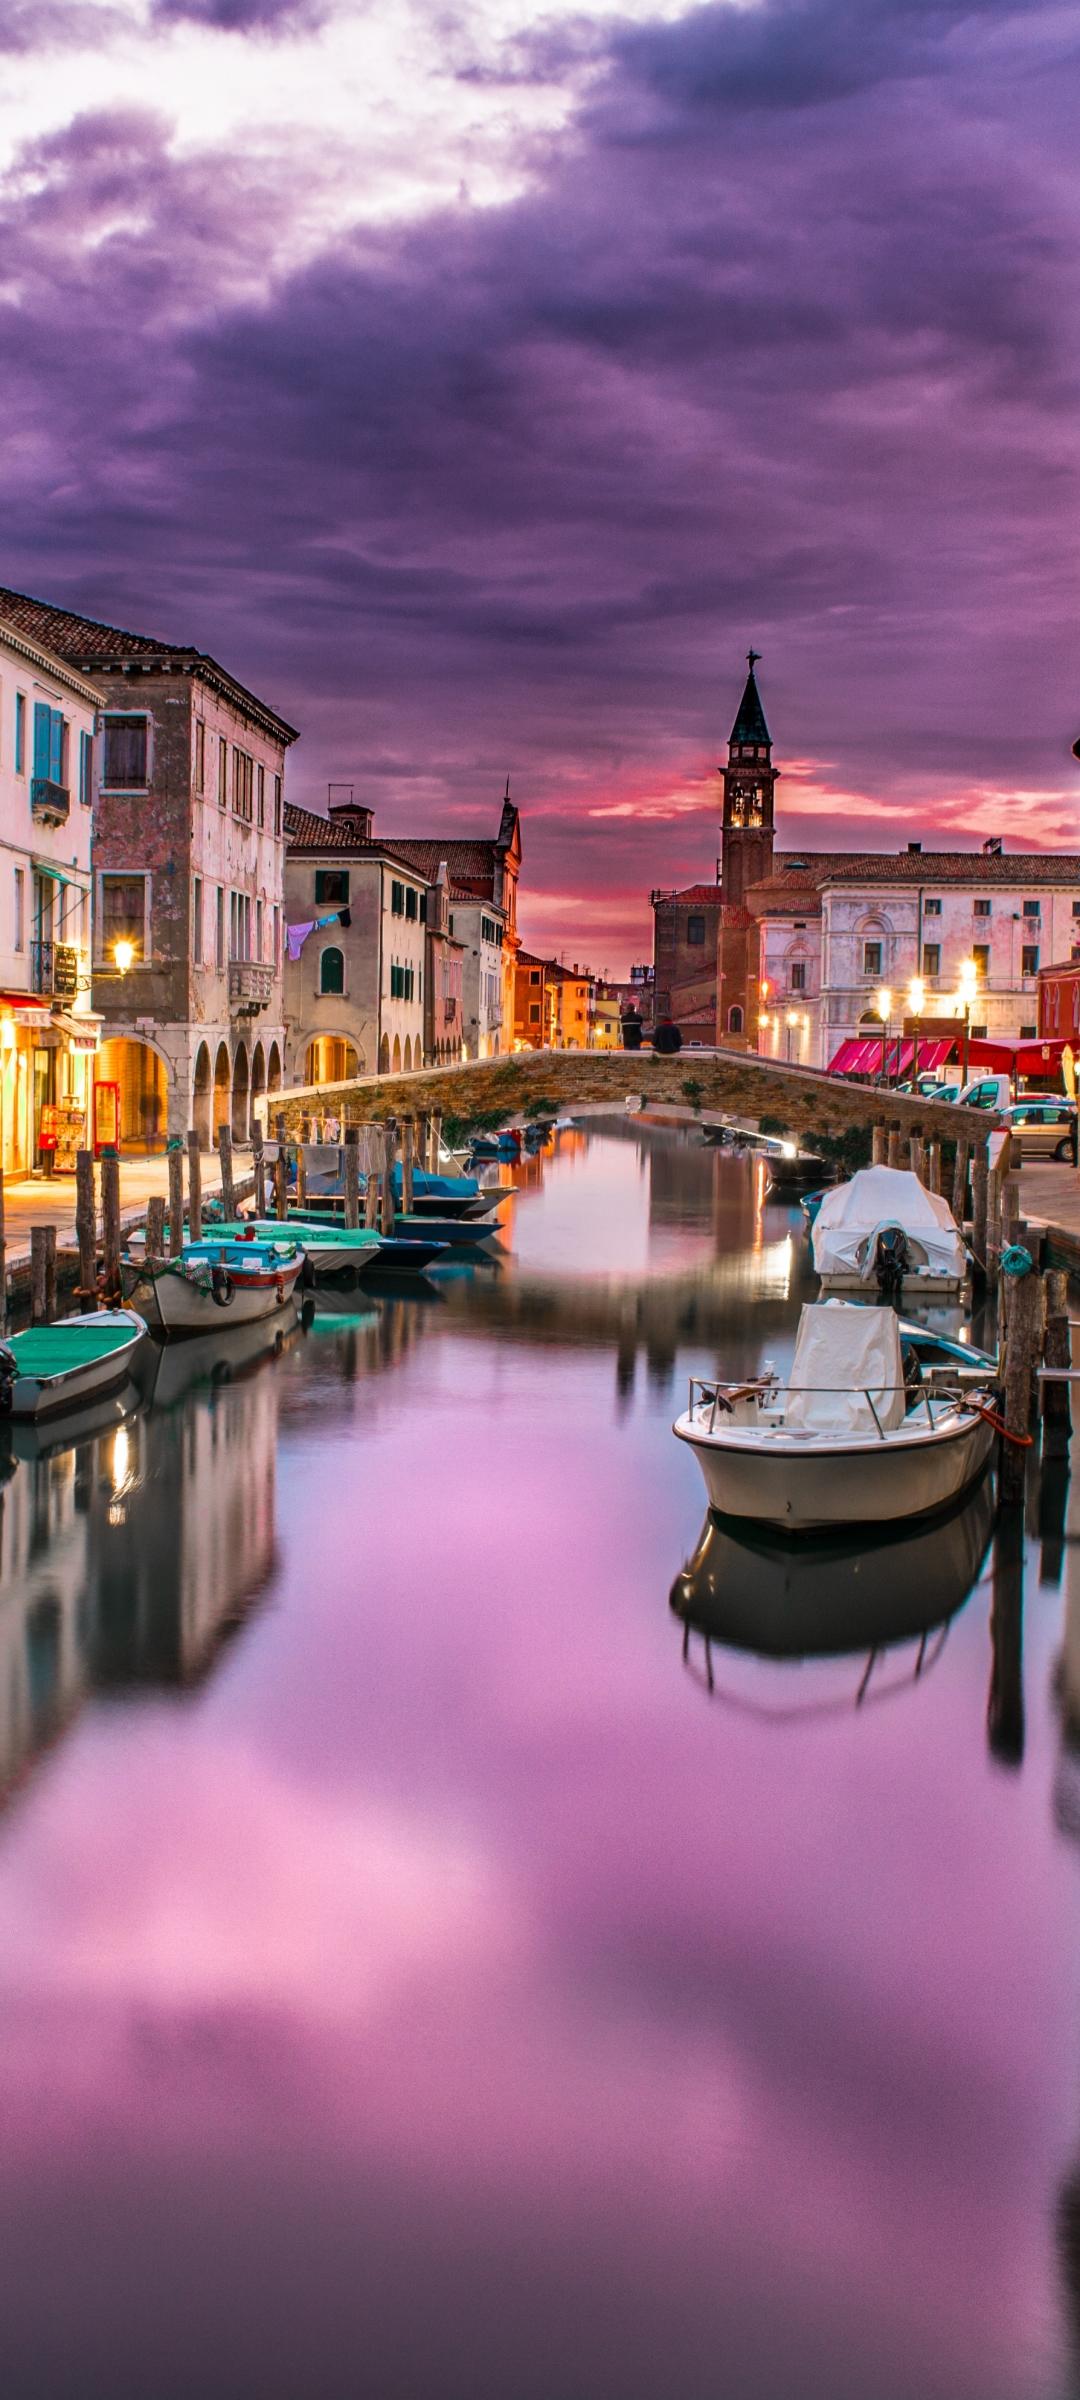 Sunset over Venice mobile wallpaper